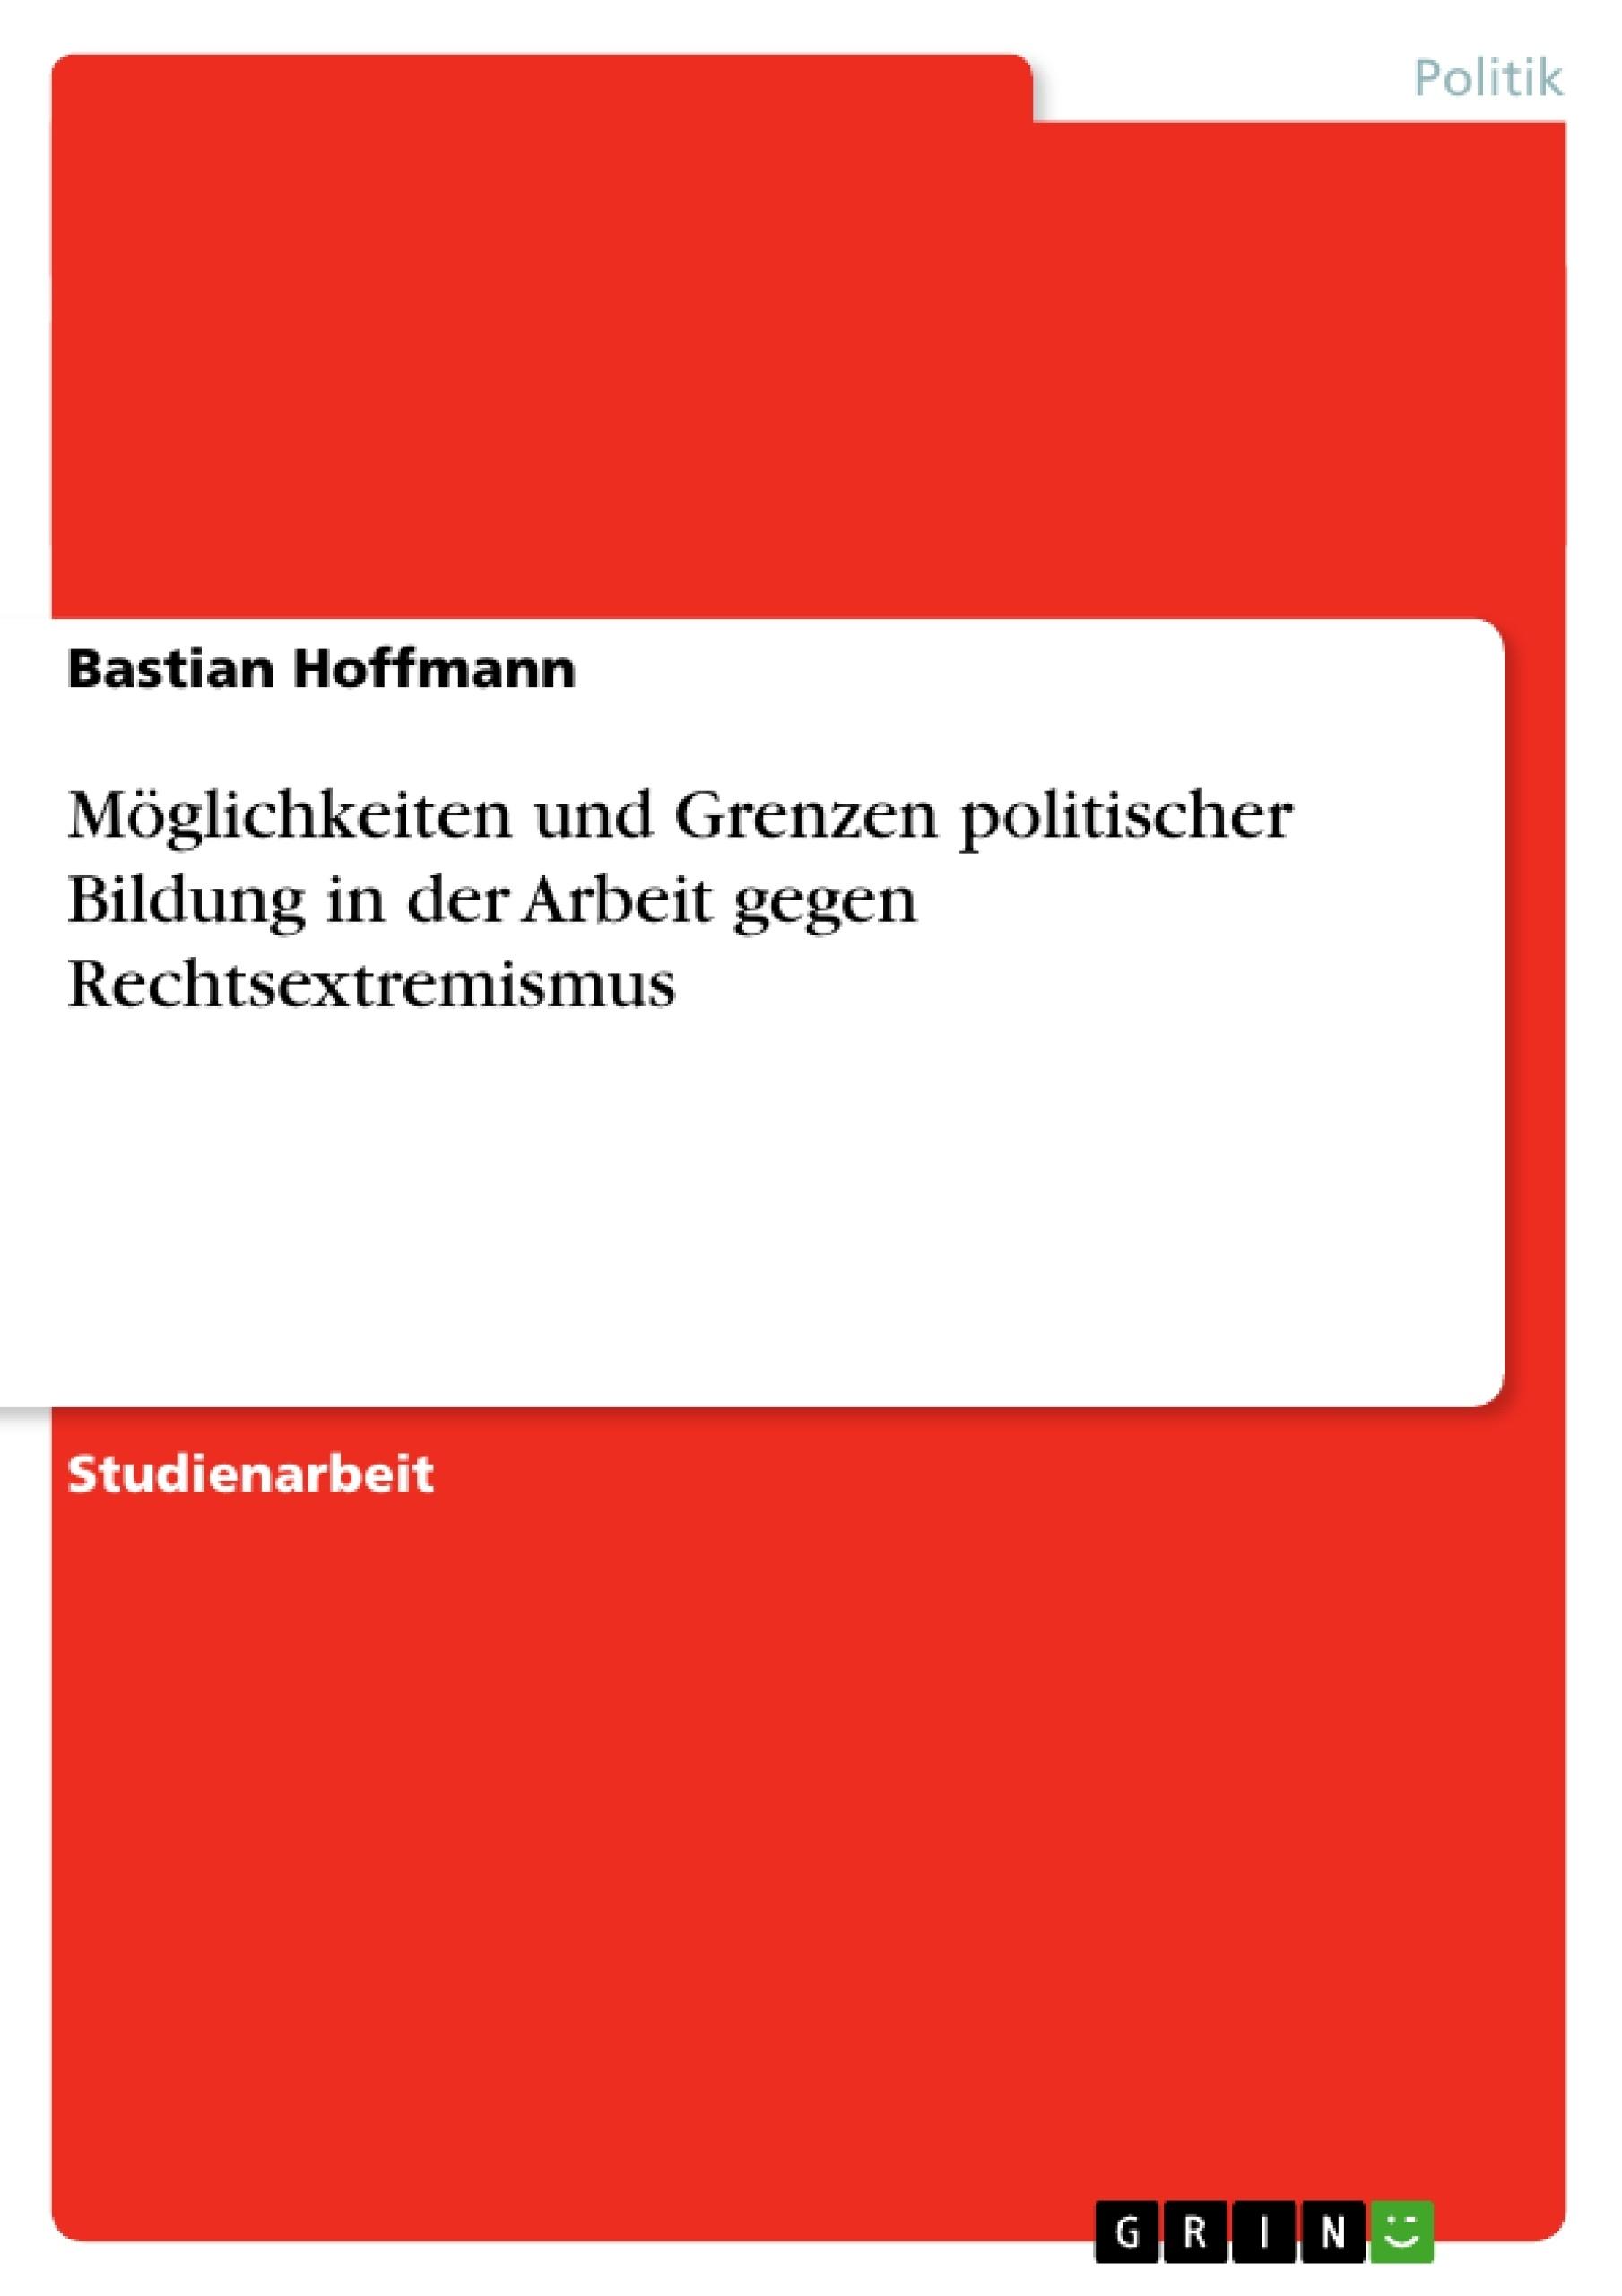 Titel: Möglichkeiten und Grenzen politischer Bildung in der Arbeit gegen Rechtsextremismus